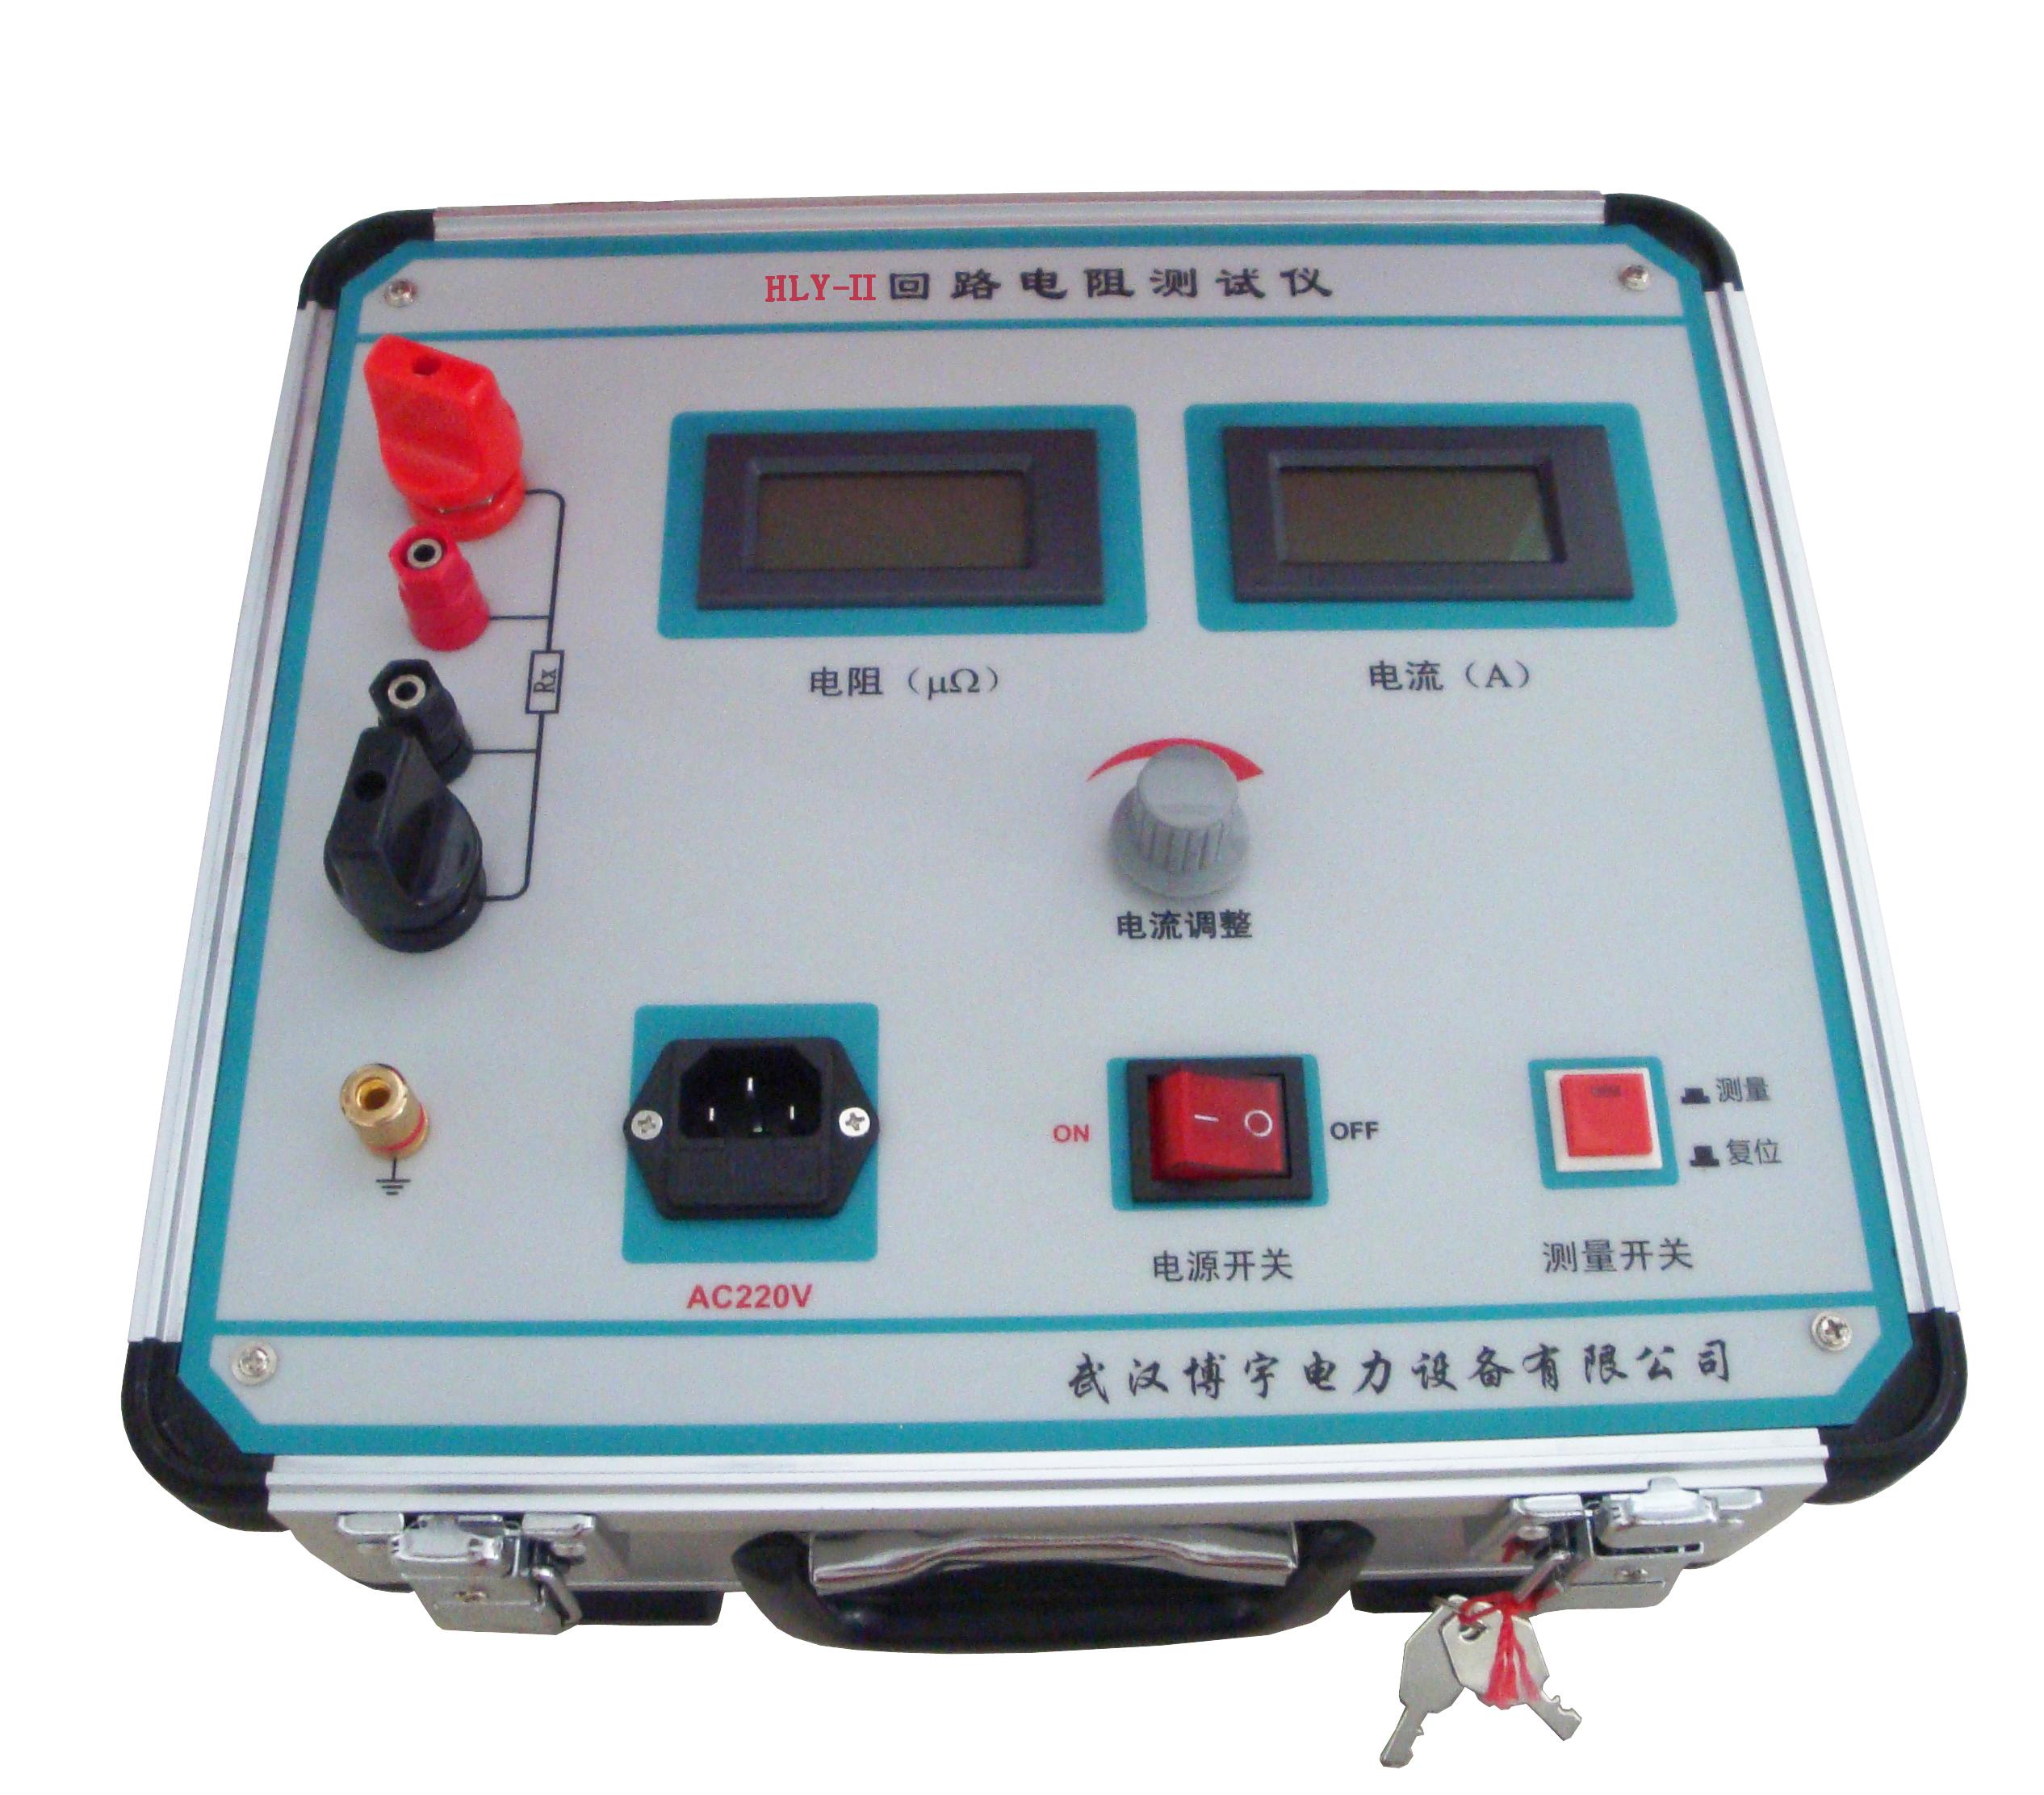 HLY-II回路电阻测试仪用于测量开关导体的回路电阻,是电气测试的重要内容之一,常用的方法有直流电桥法、电流电压法等。我们根据电气设备交接和预防性试验的要求,结合GB763-74和IEE694-84的标准,研制开发了HLY-II回路电阻测试仪,本仪器可方便地进行接点和开关设备的接触电阻以及载流导体电阻的测试。回路电阻测试仪